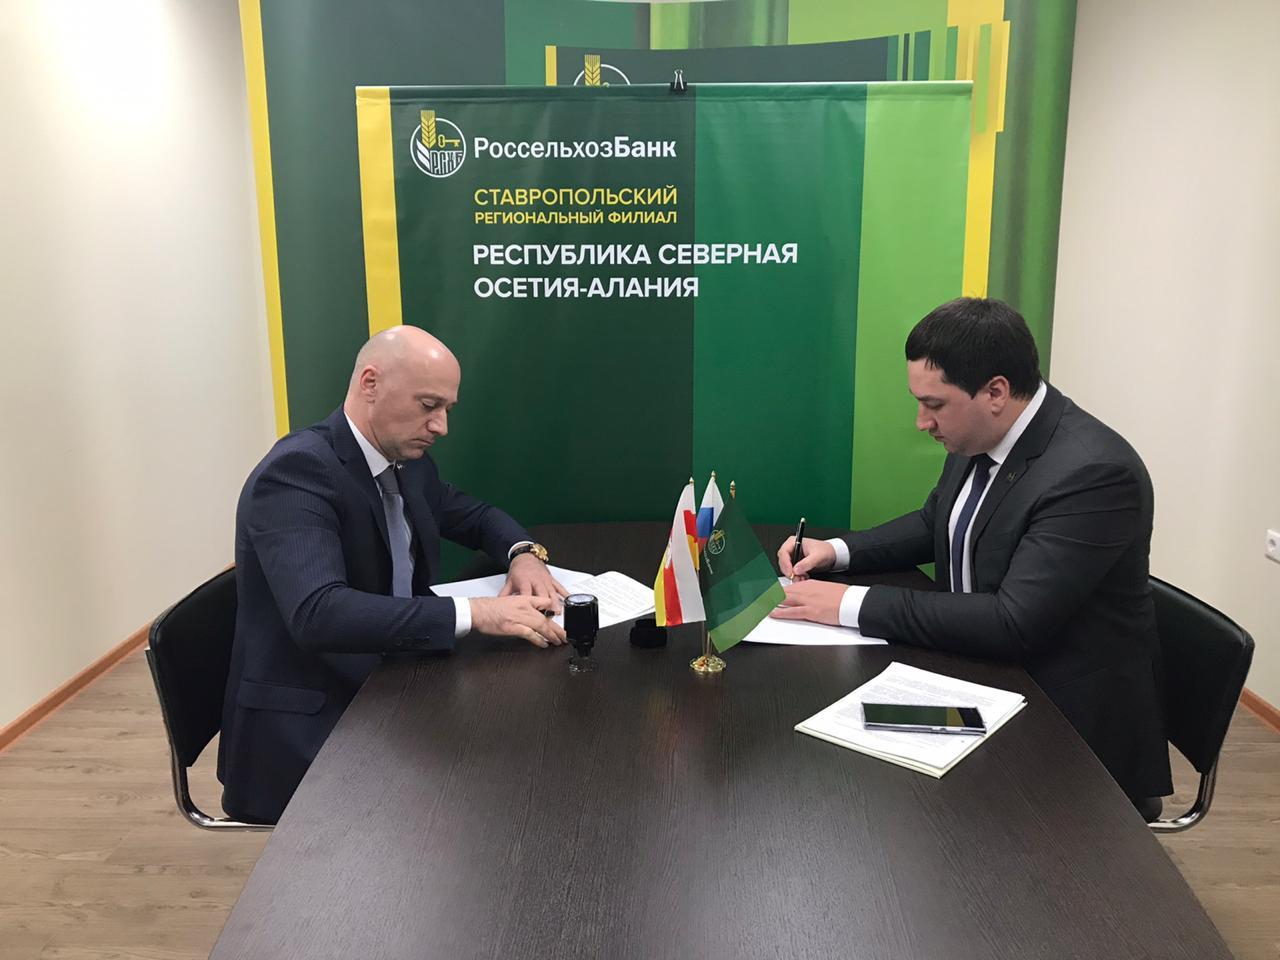 Аграрии Северной Осетии могут воспользоваться поручительством Фонда кредитных гарантий в Россельхозбанке